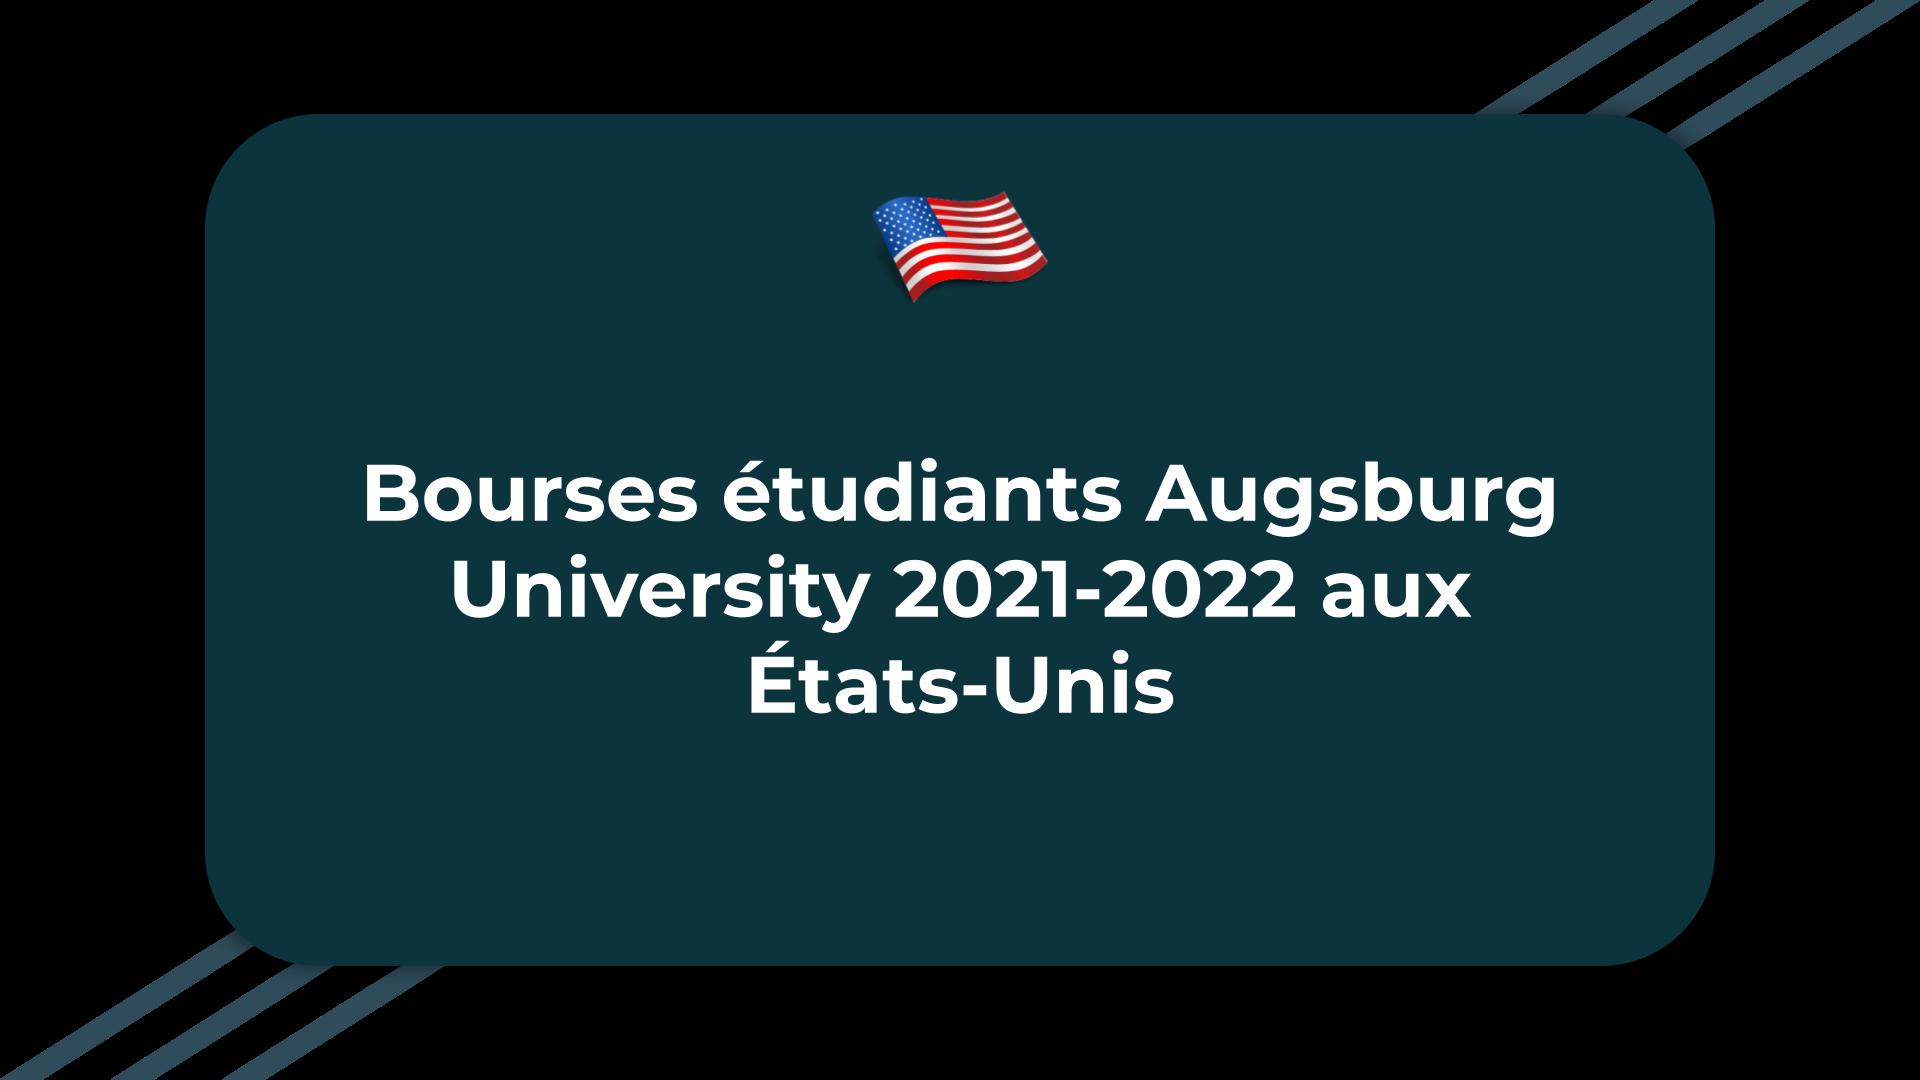 Bourses étudiants Augsburg University